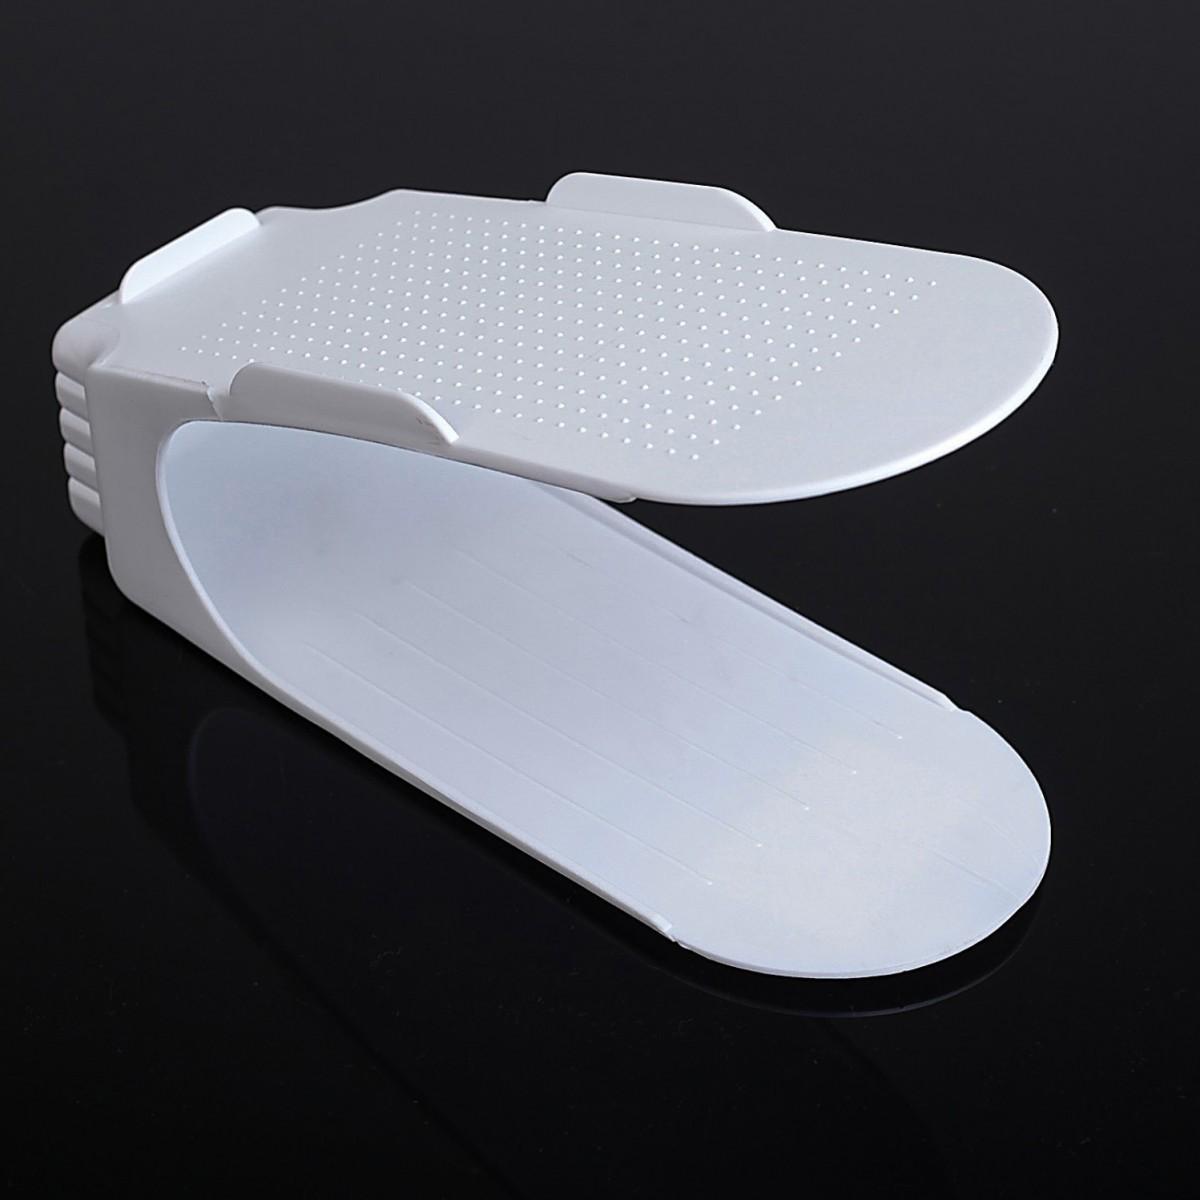 Подставка для обуви на одну пару, 25 х 12 x 9 см